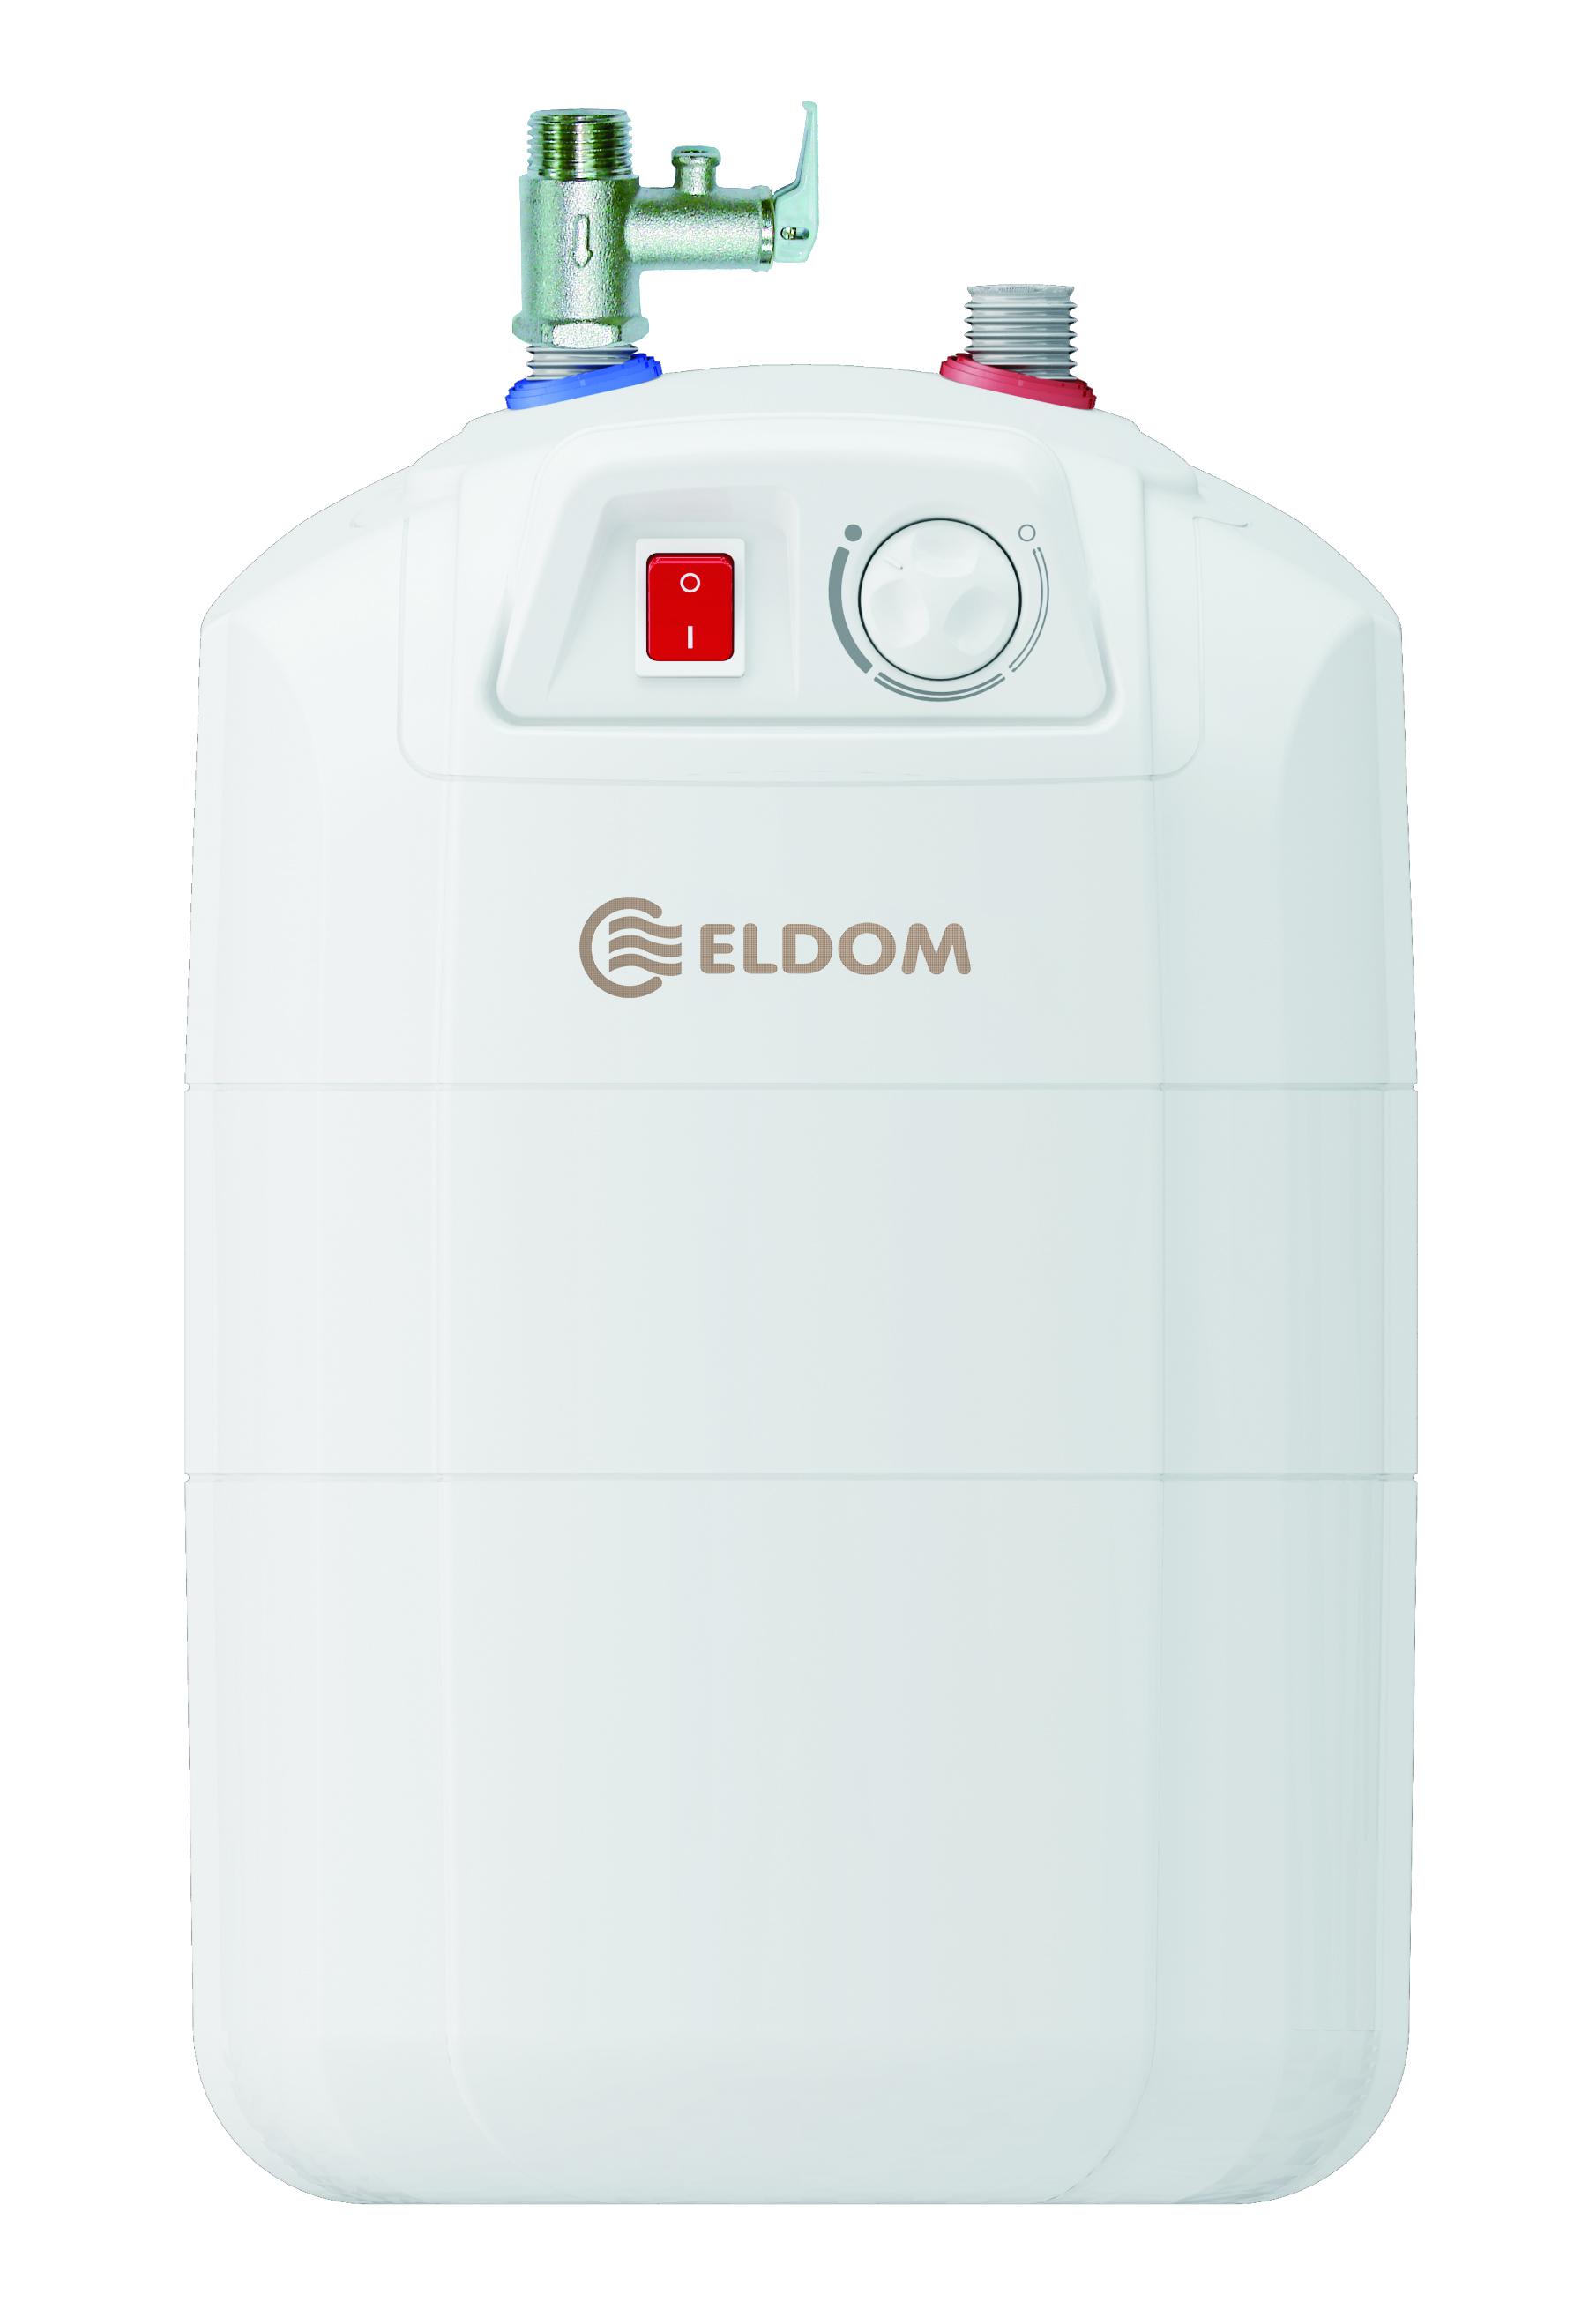 Warmwasserspeicher Eldom 10 druckfest untertisch